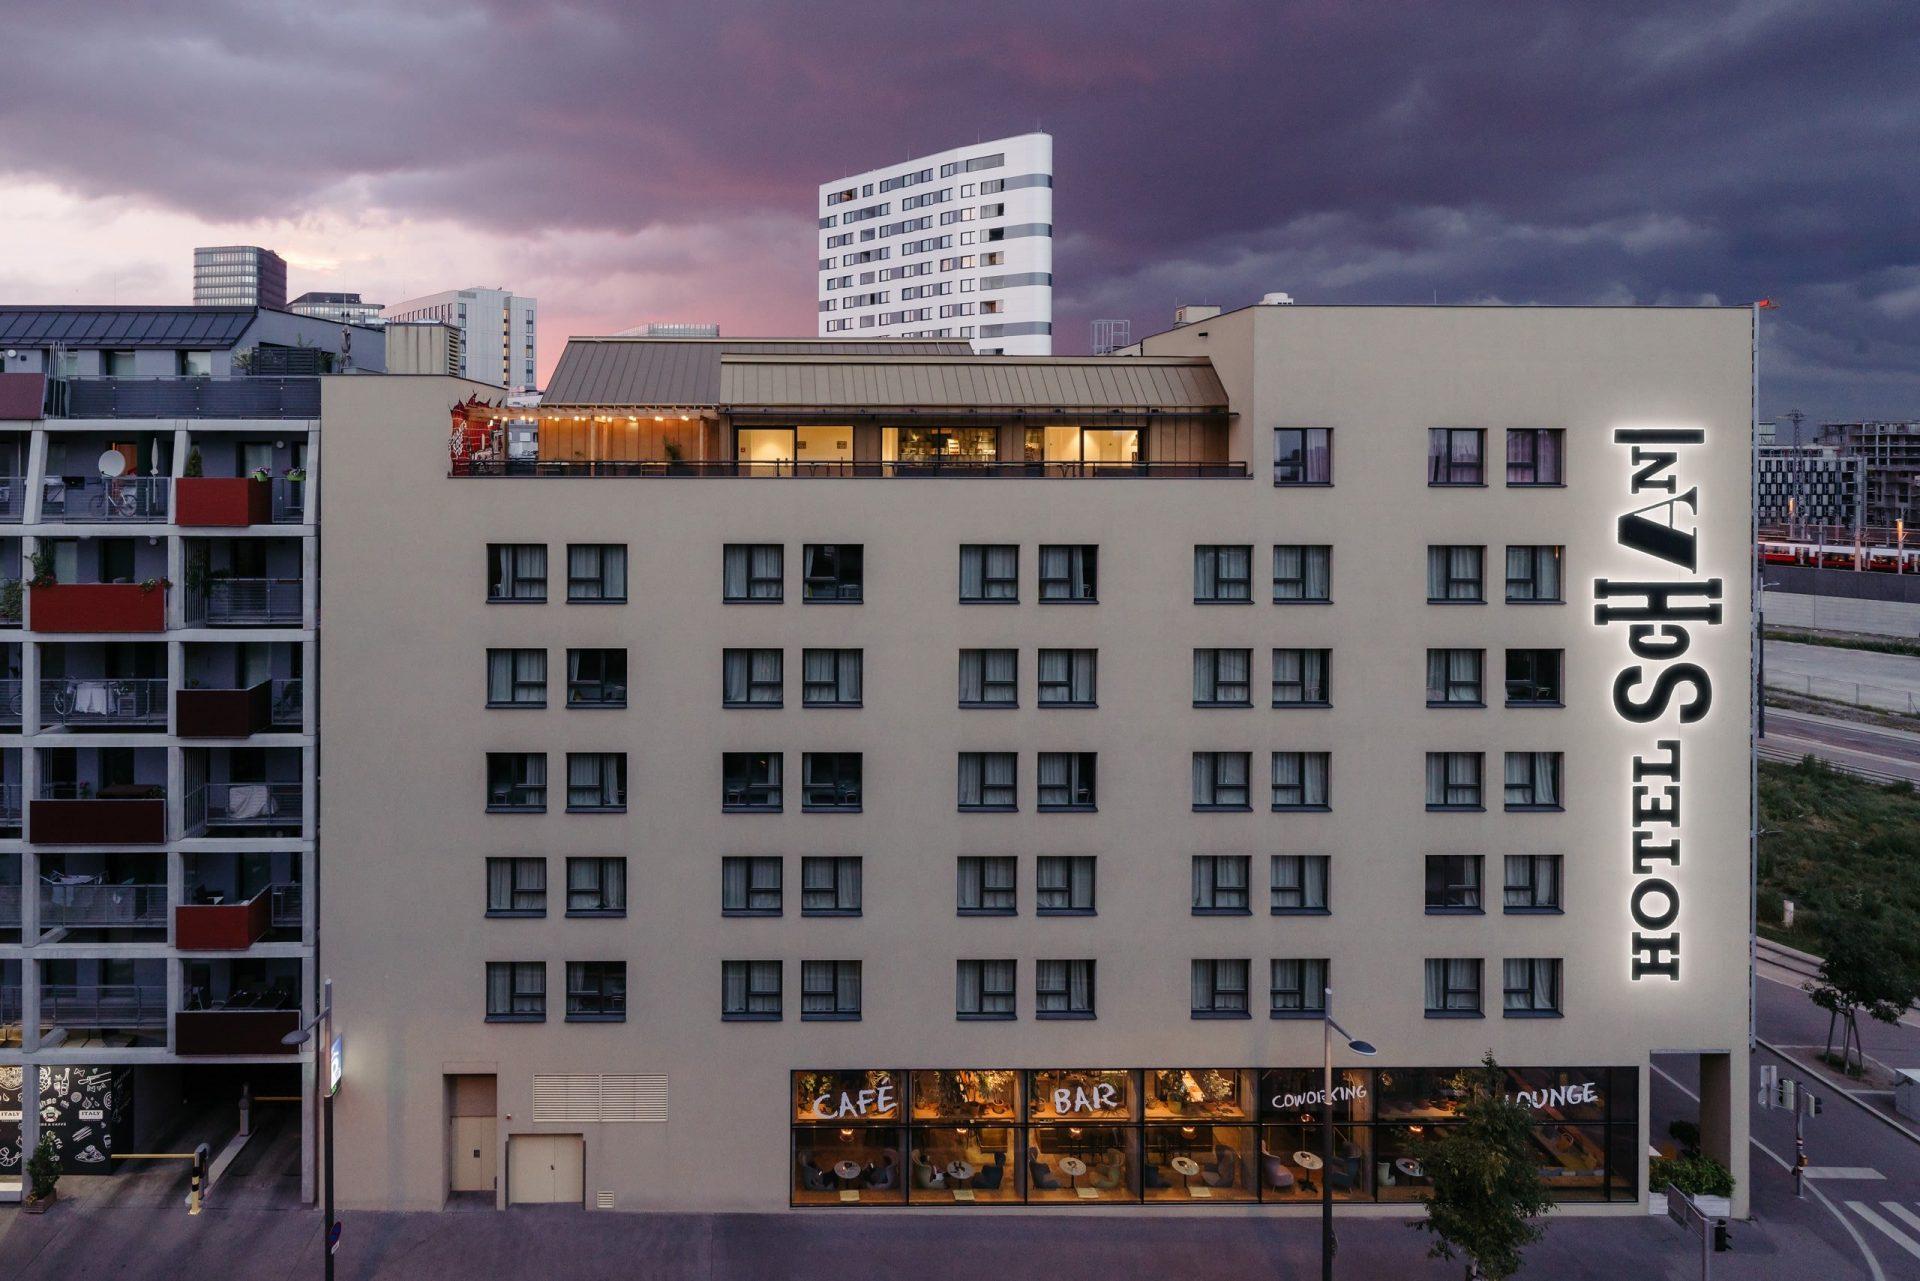 Hotel Schani GH104786_web-min